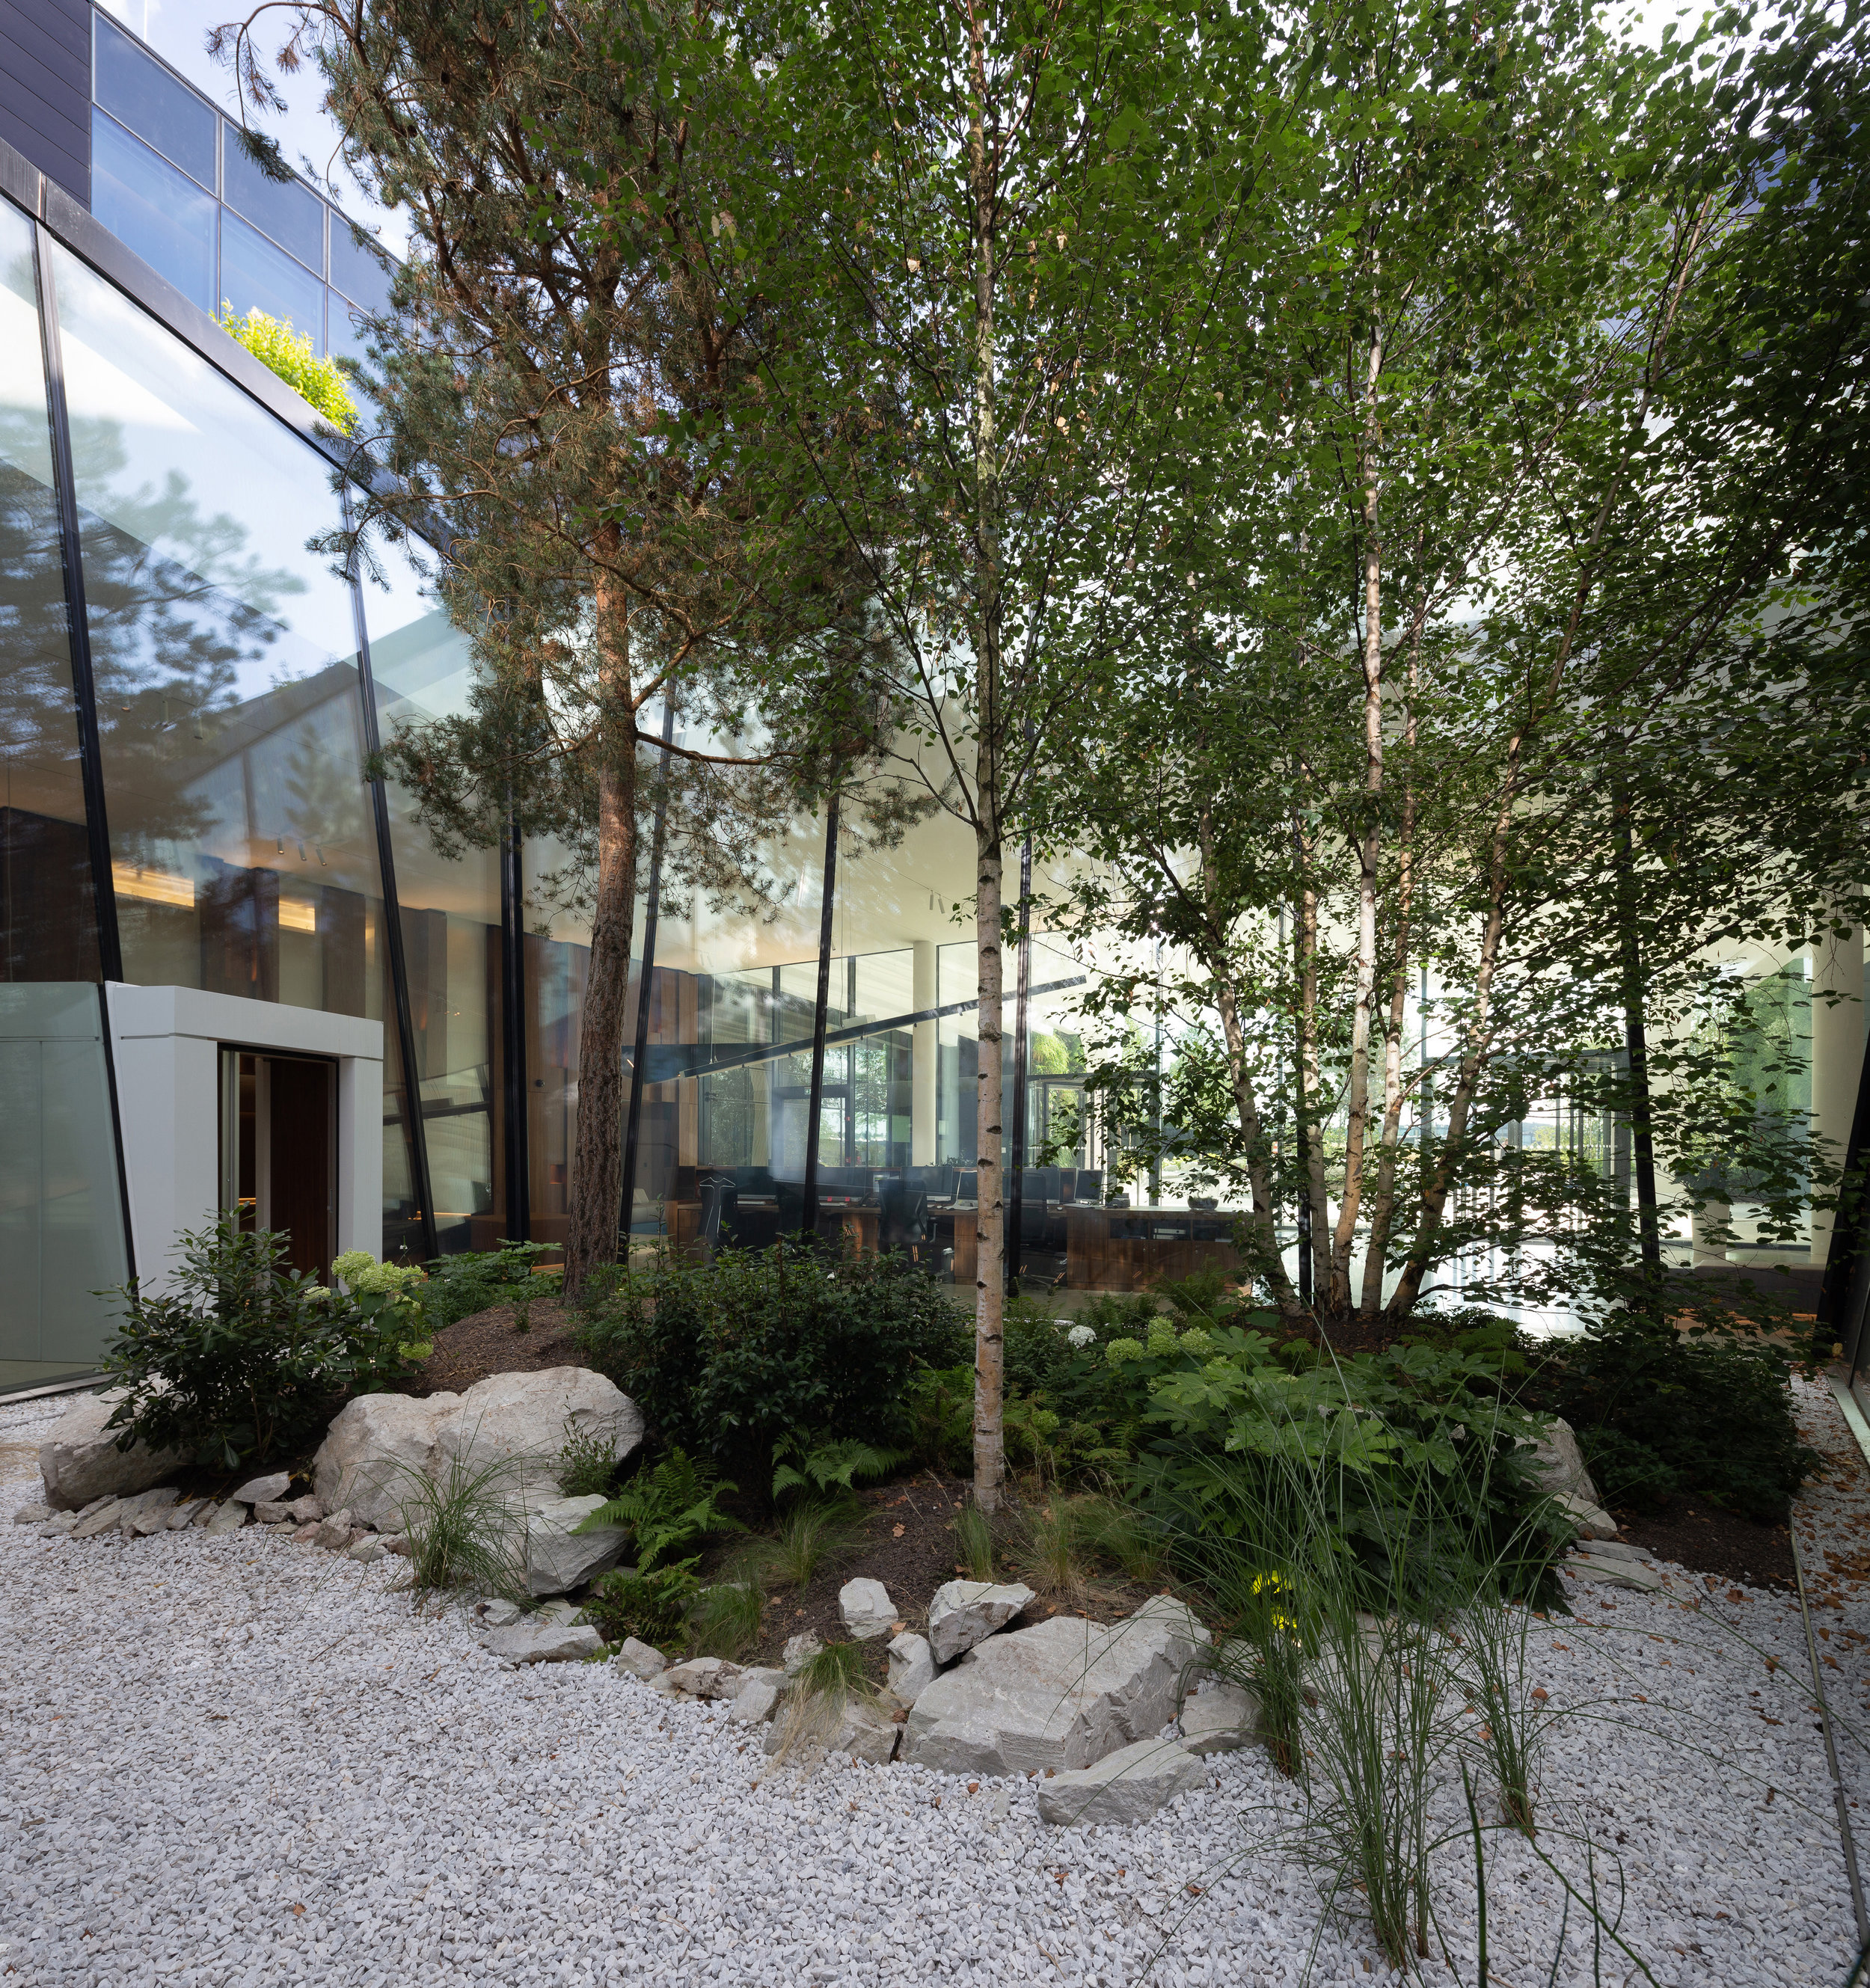 office_foyer_insurance_luxembourg_outdoor_landscape_designer_christophe_gautrand_5.jpg